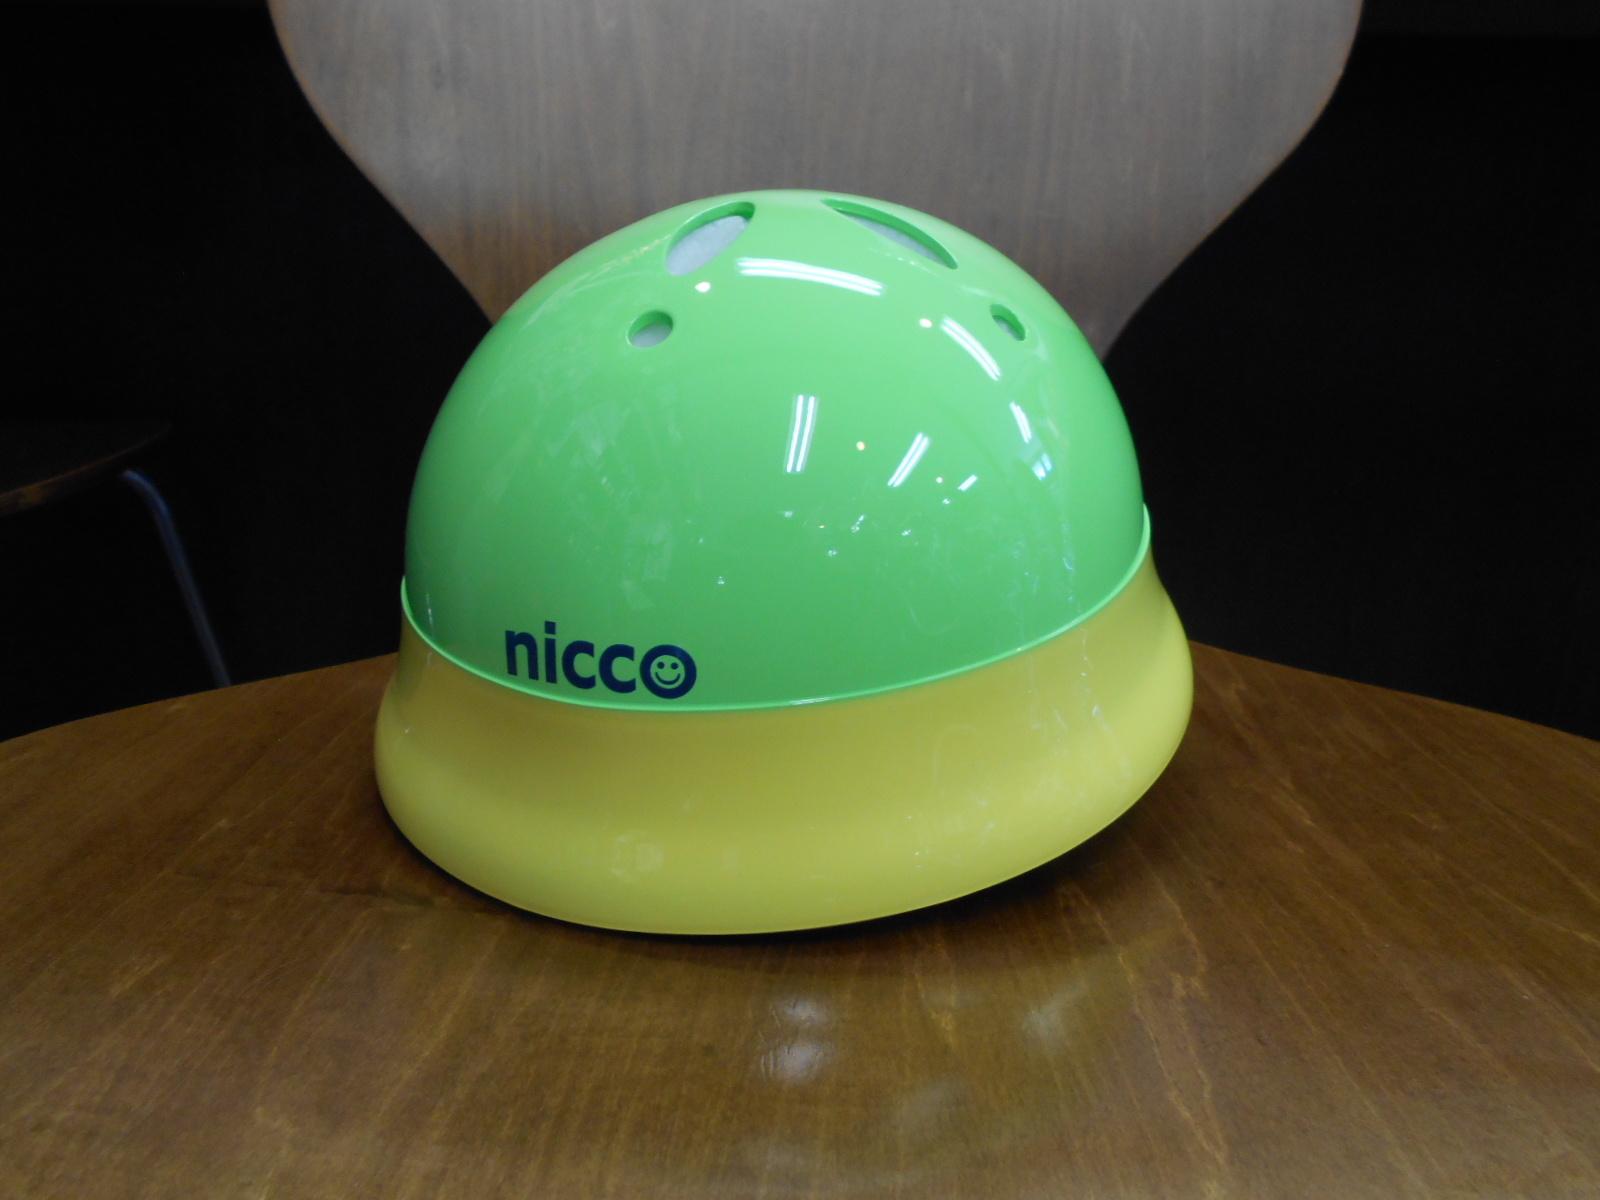 niccoが少量入荷しています_b0189682_12195727.jpg